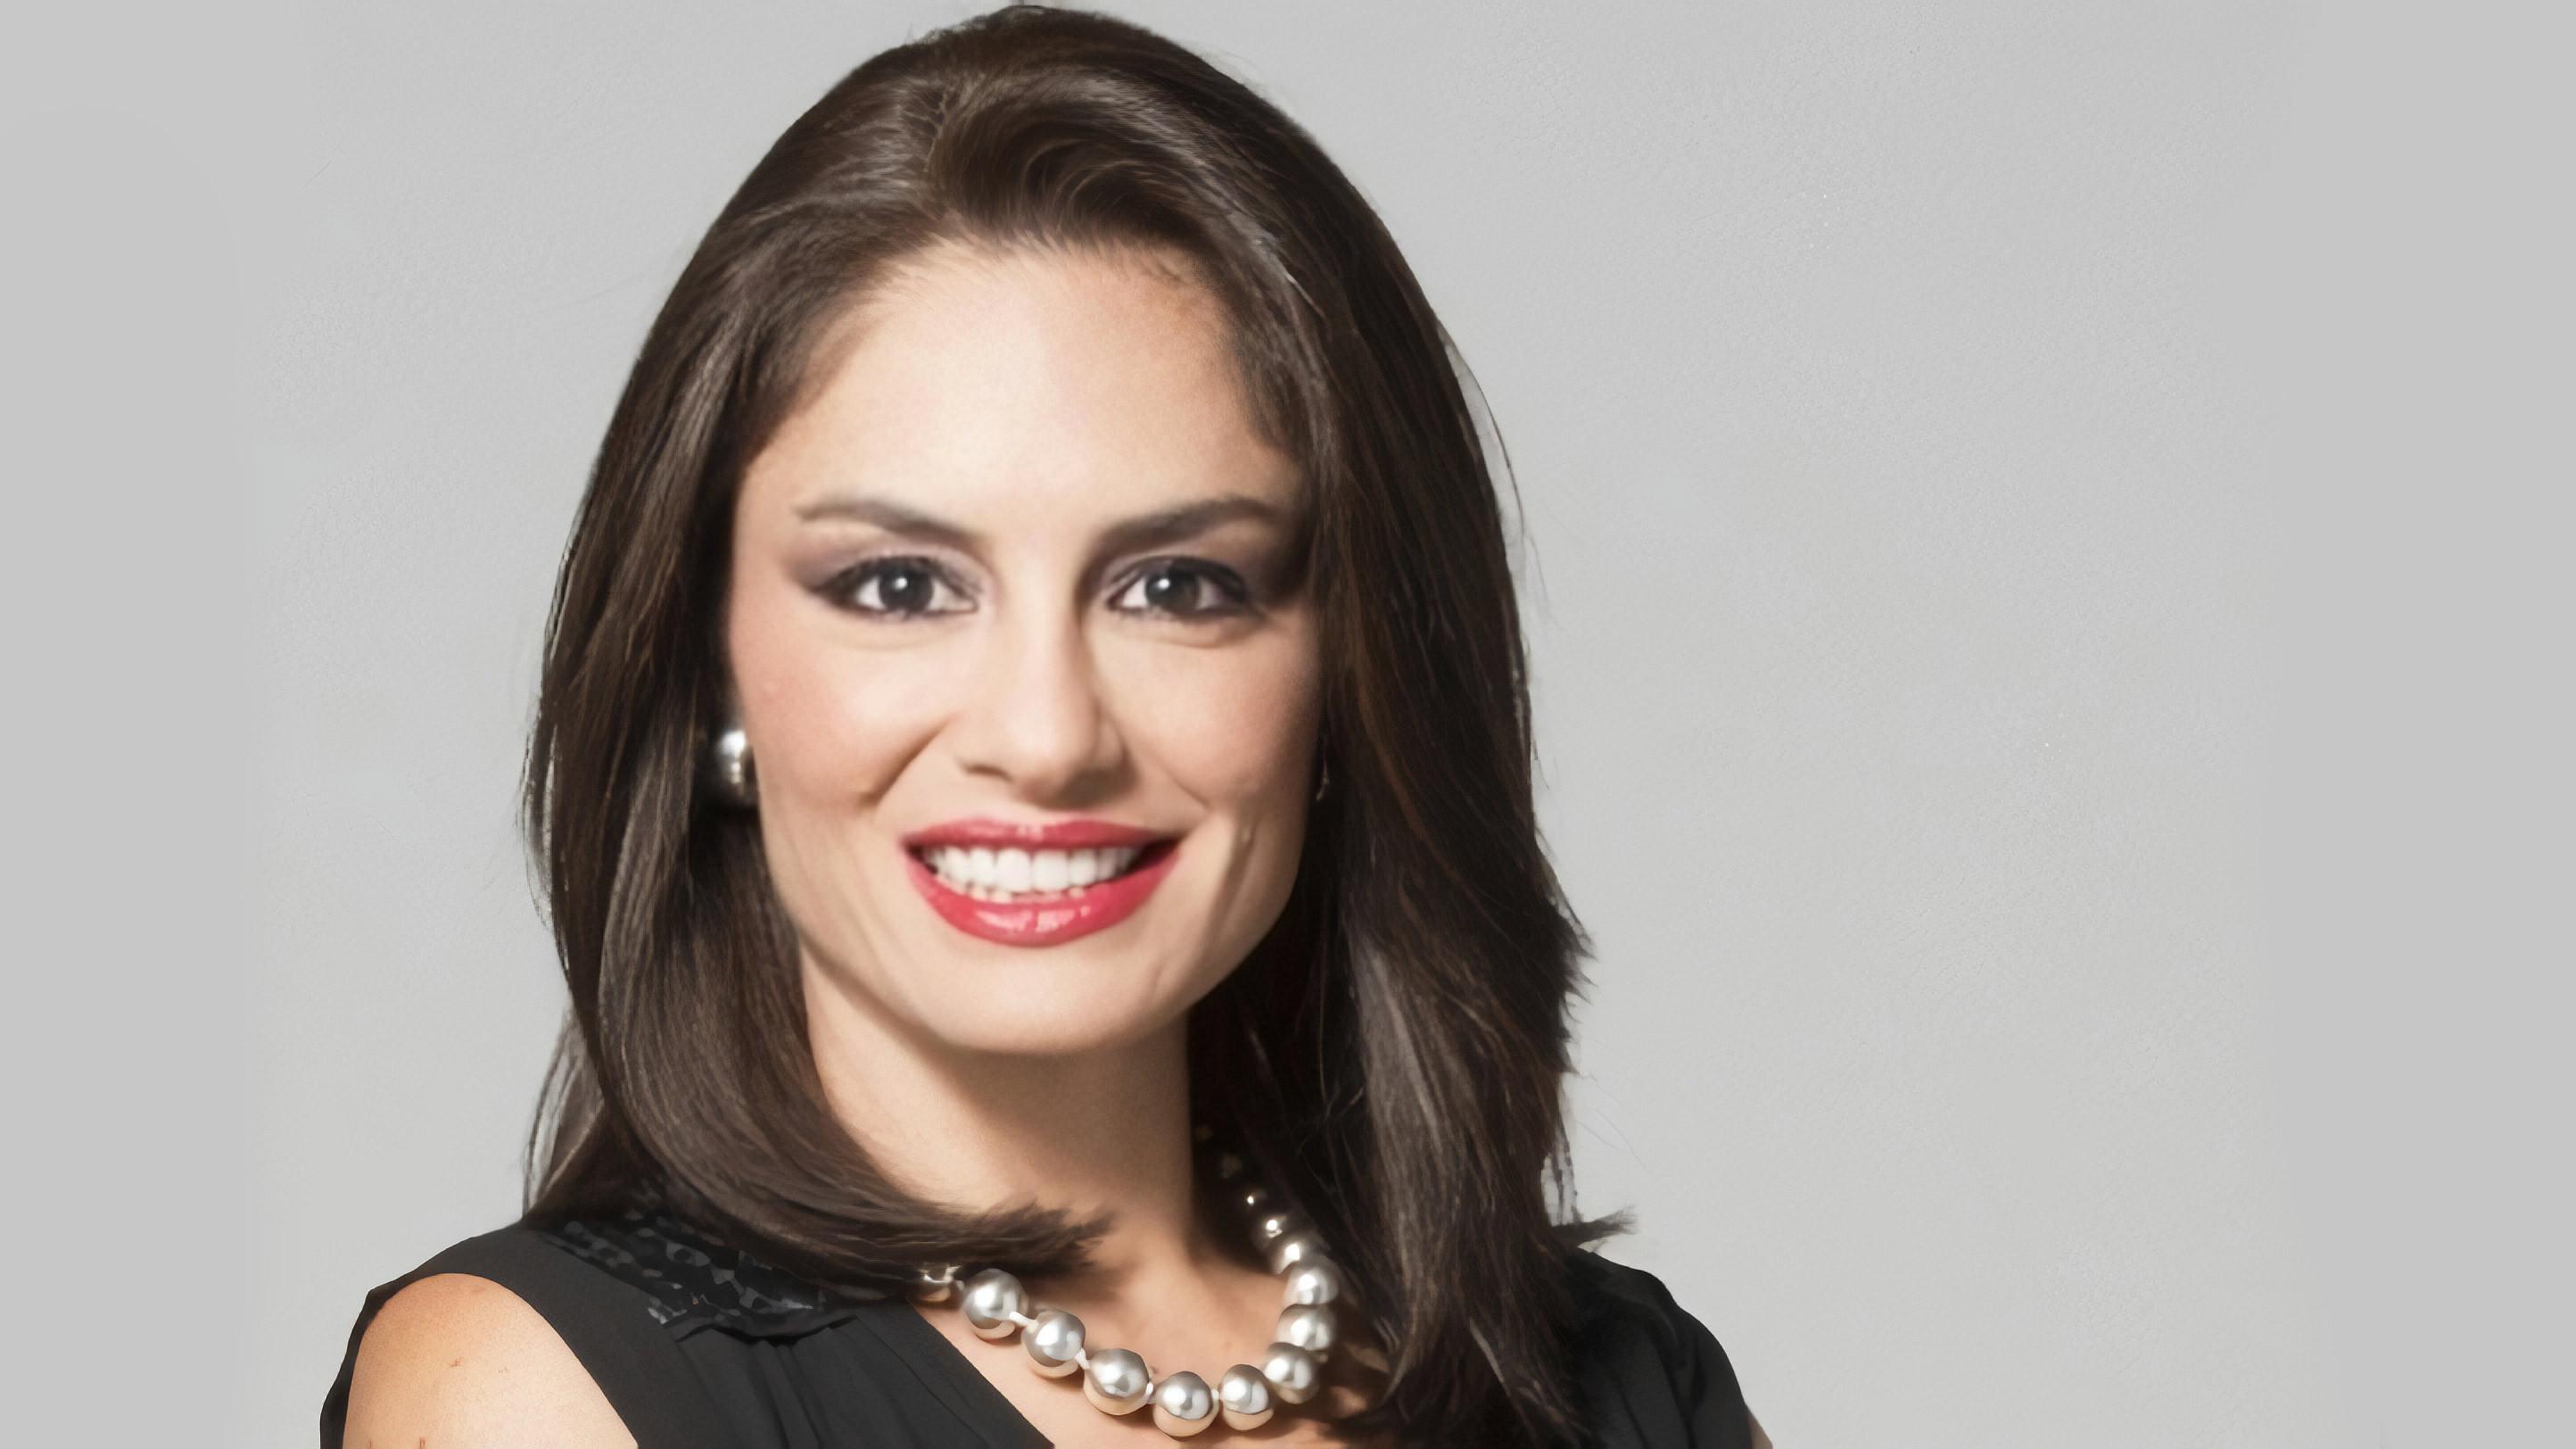 mavila-huertas-sigue-siendo-la-periodista-de-television-mas-influyente-del-pais